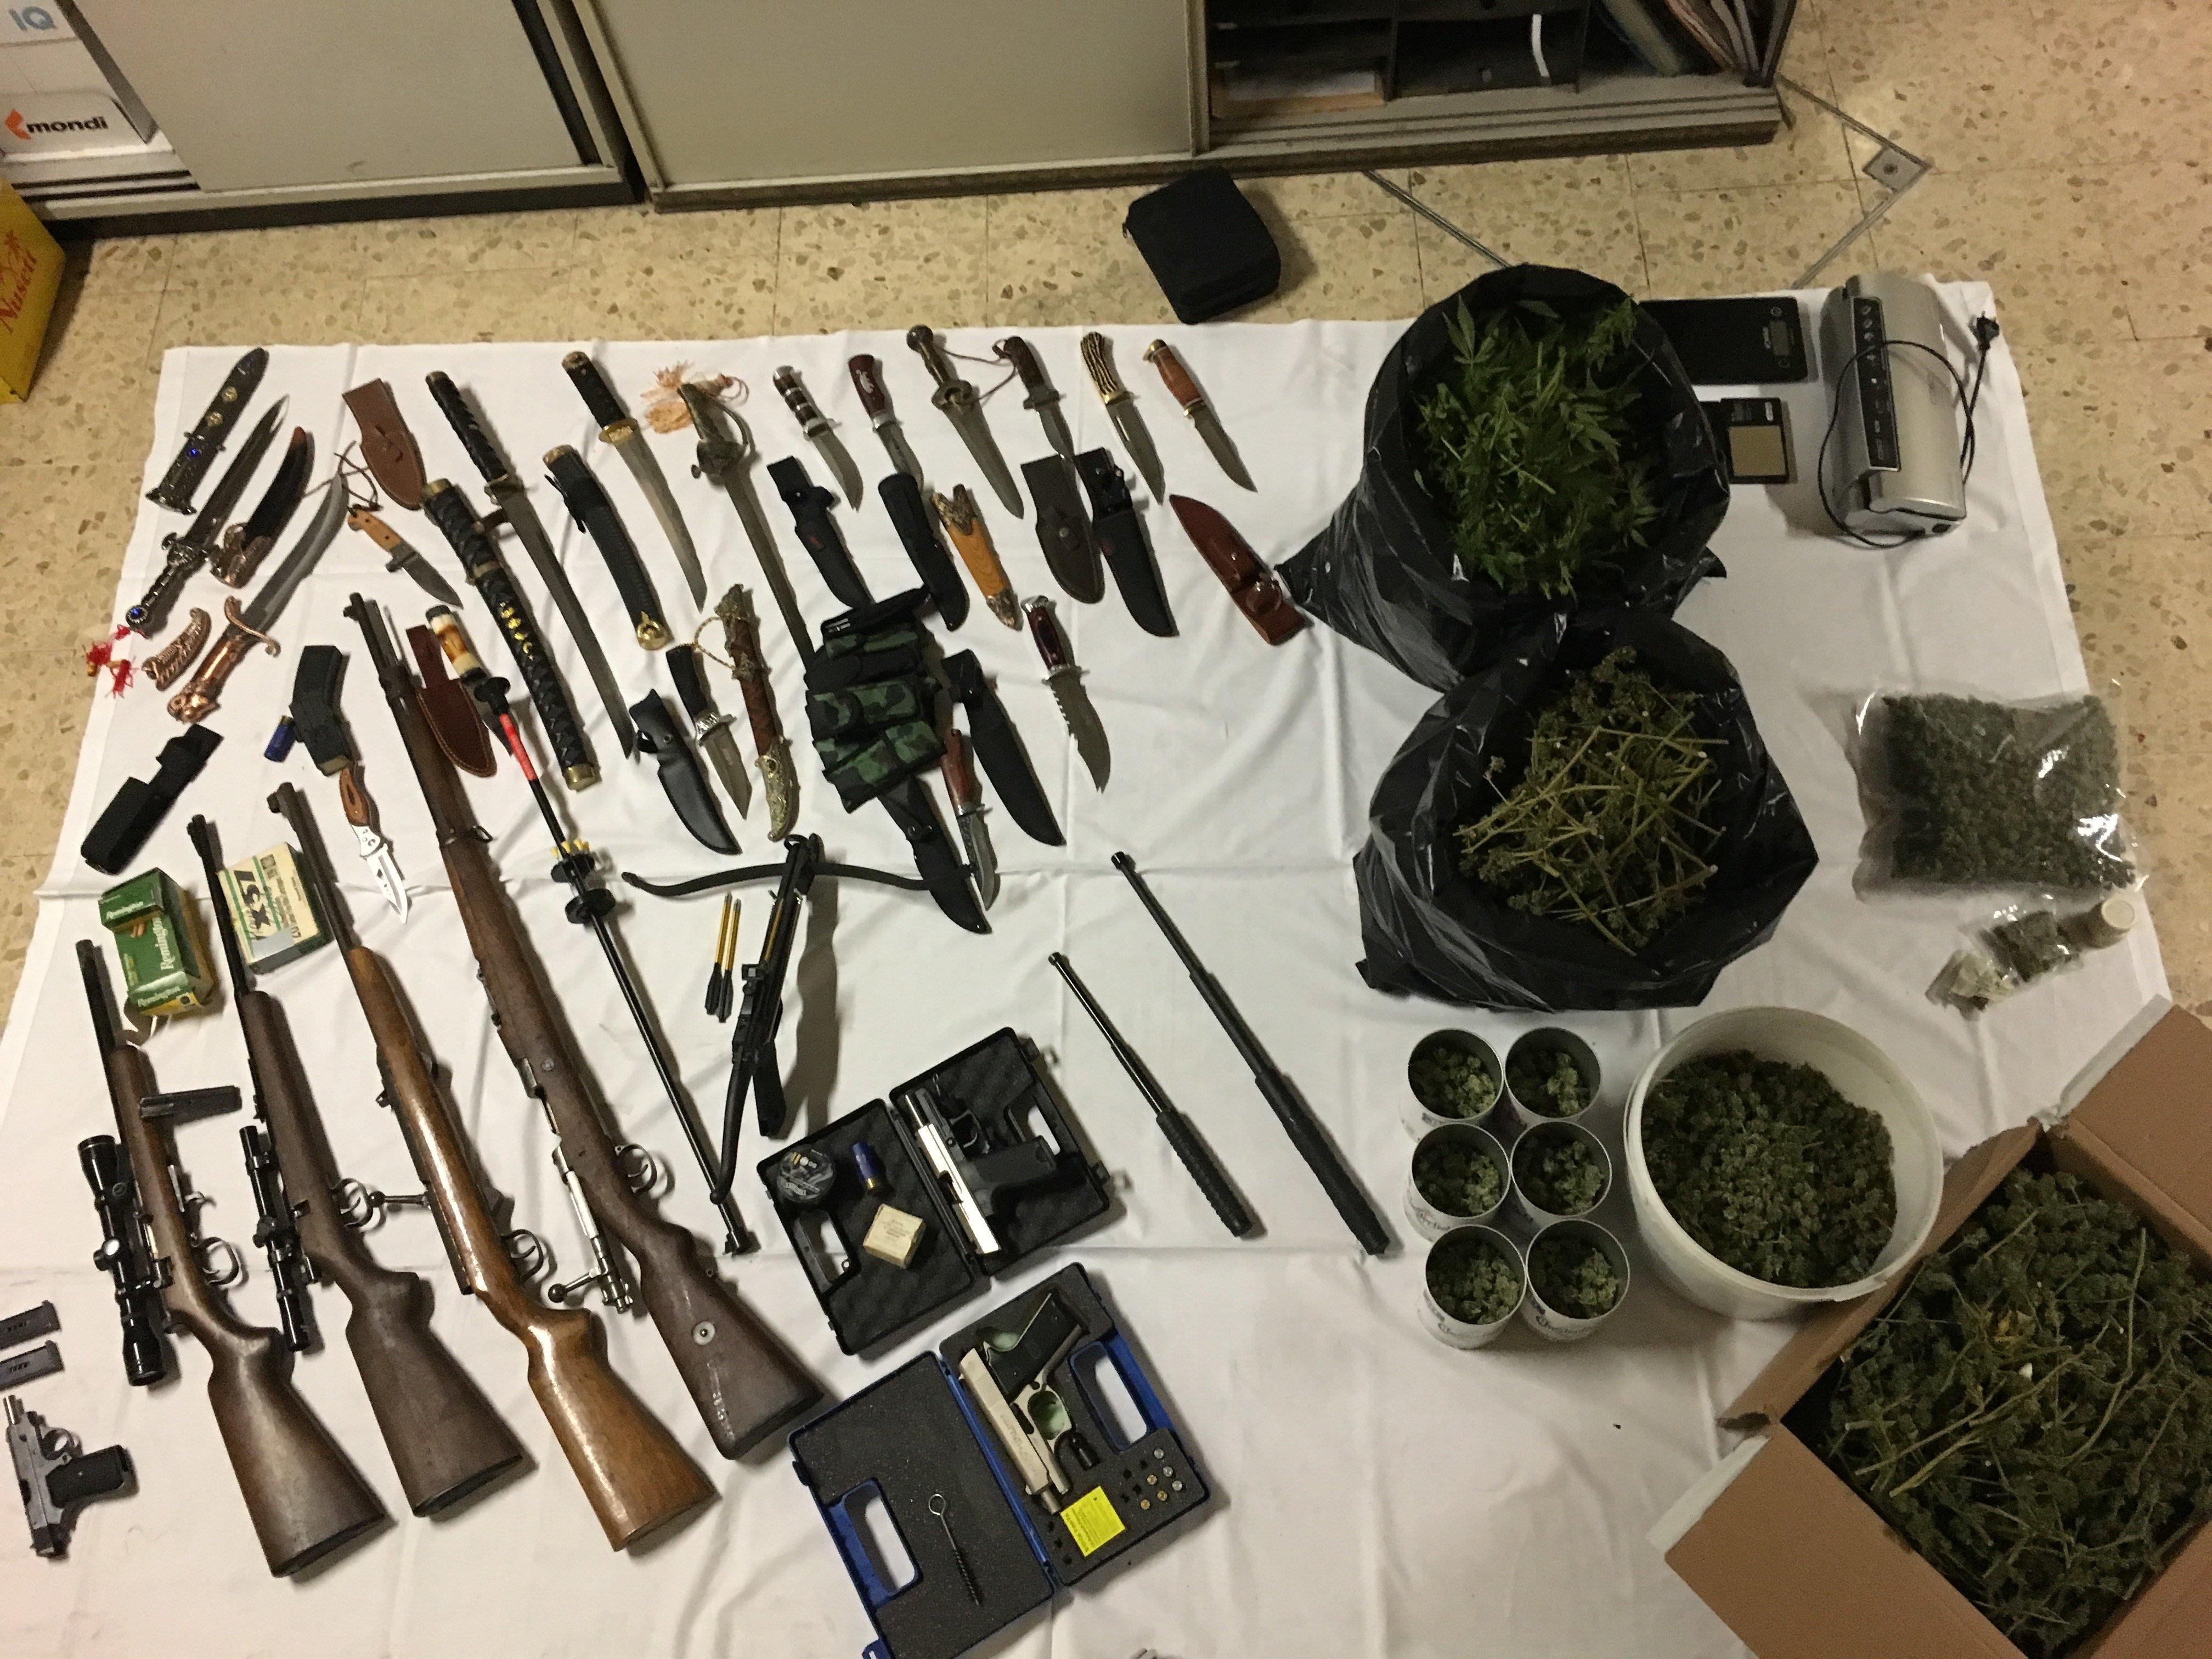 Diese Waffensammlung wurde im Haus des 55-Jährigen in Wien-Donaustadt entdeckt.